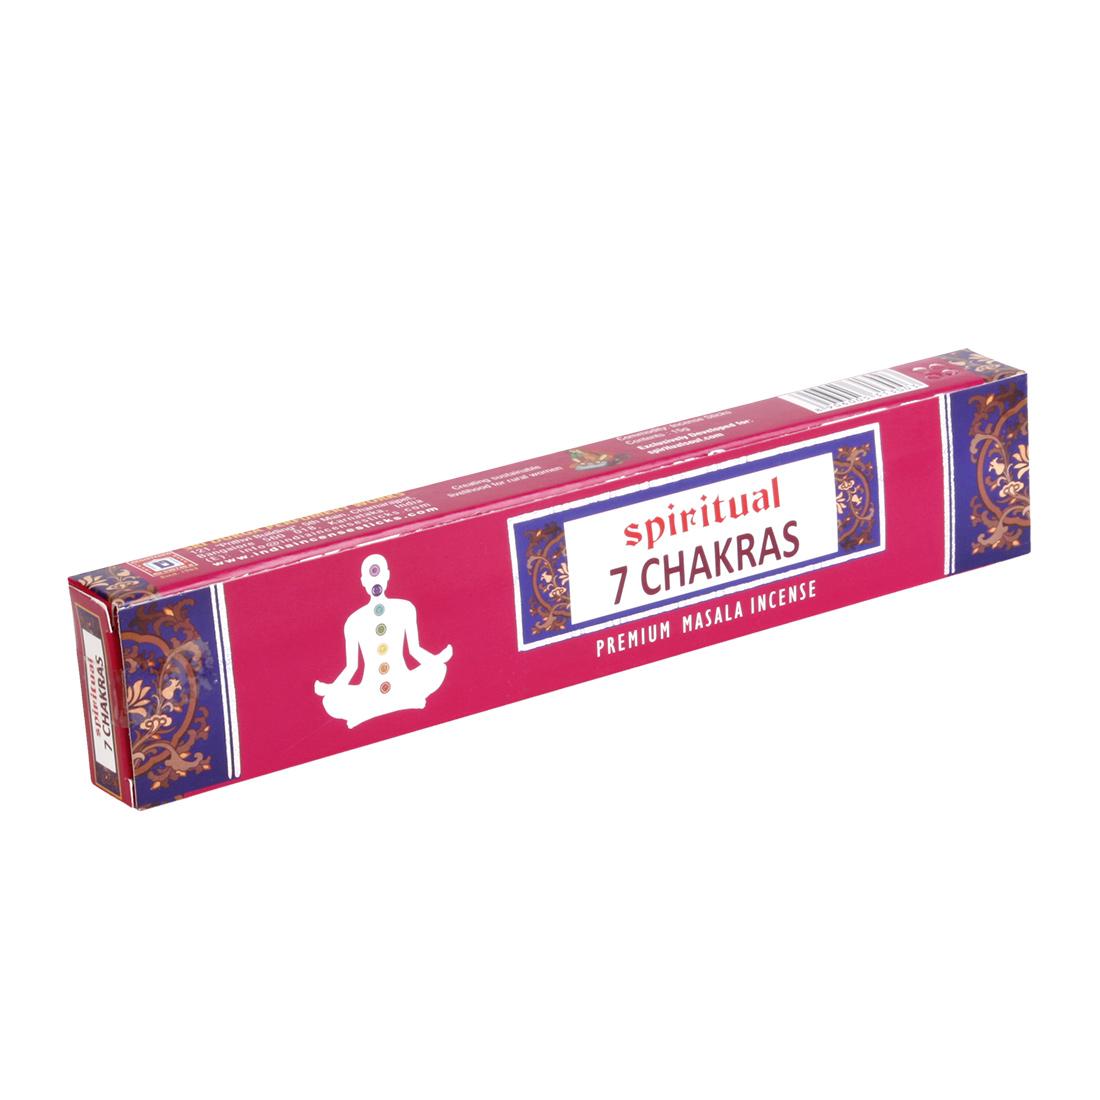 encens spiritual 7 chakras